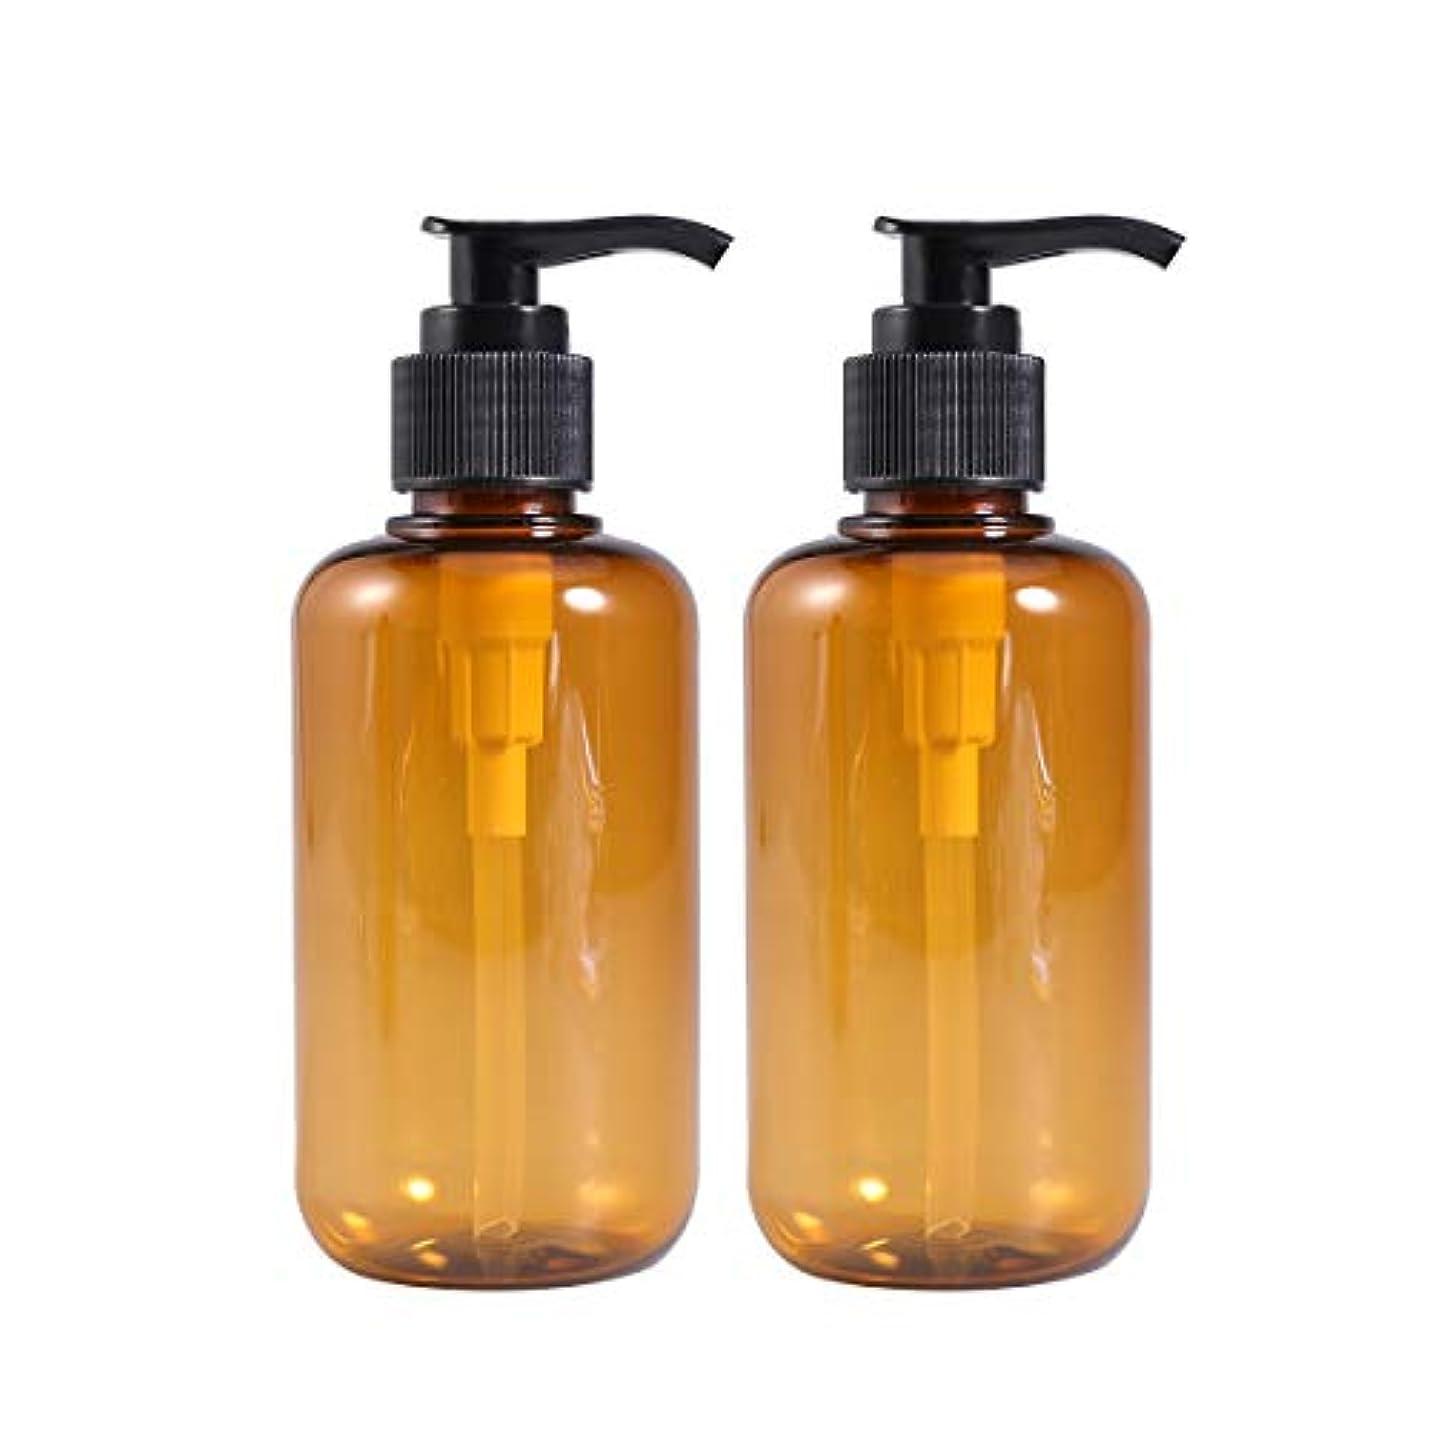 める時折失Frcolor ポンプ瓶 ポンプボトル 200ml 遮光瓶 ドロップポンプ 詰め替えボトル シャンプーハンドソープ 茶色 PET製 2本セット